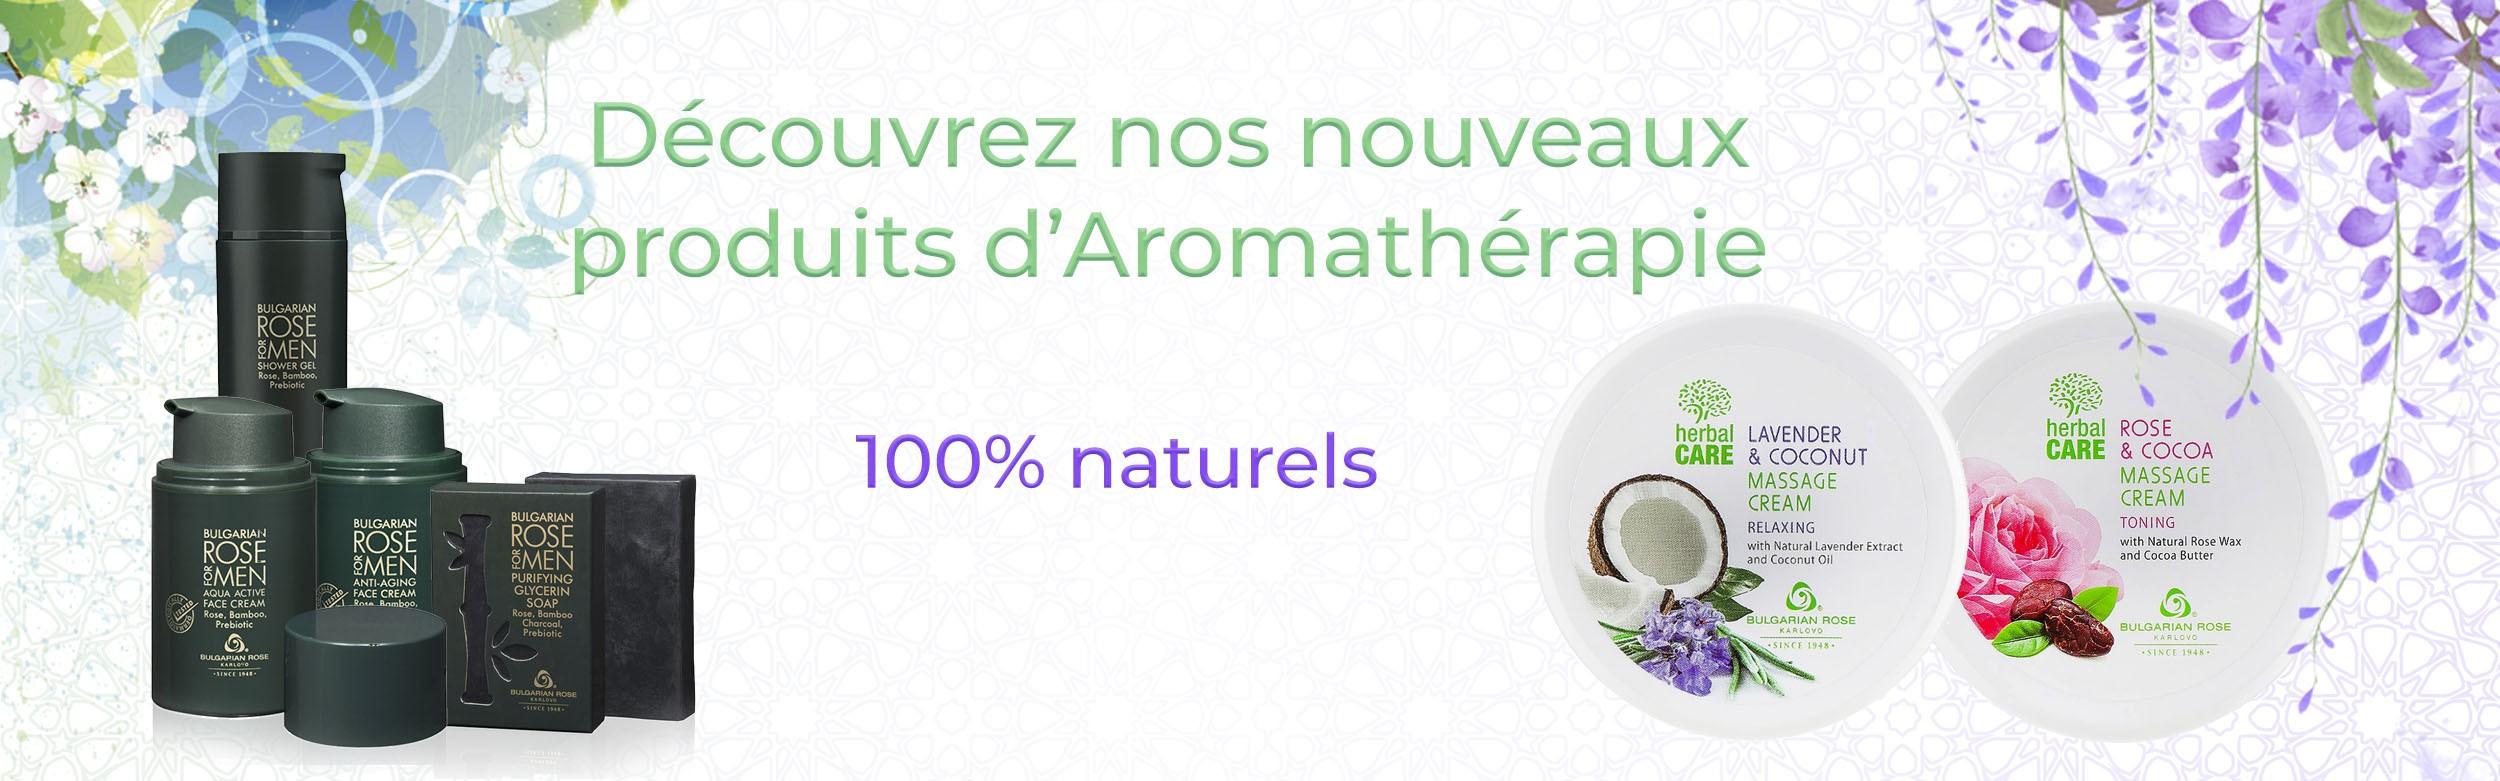 Nouveaux produits d'Aromathérapie